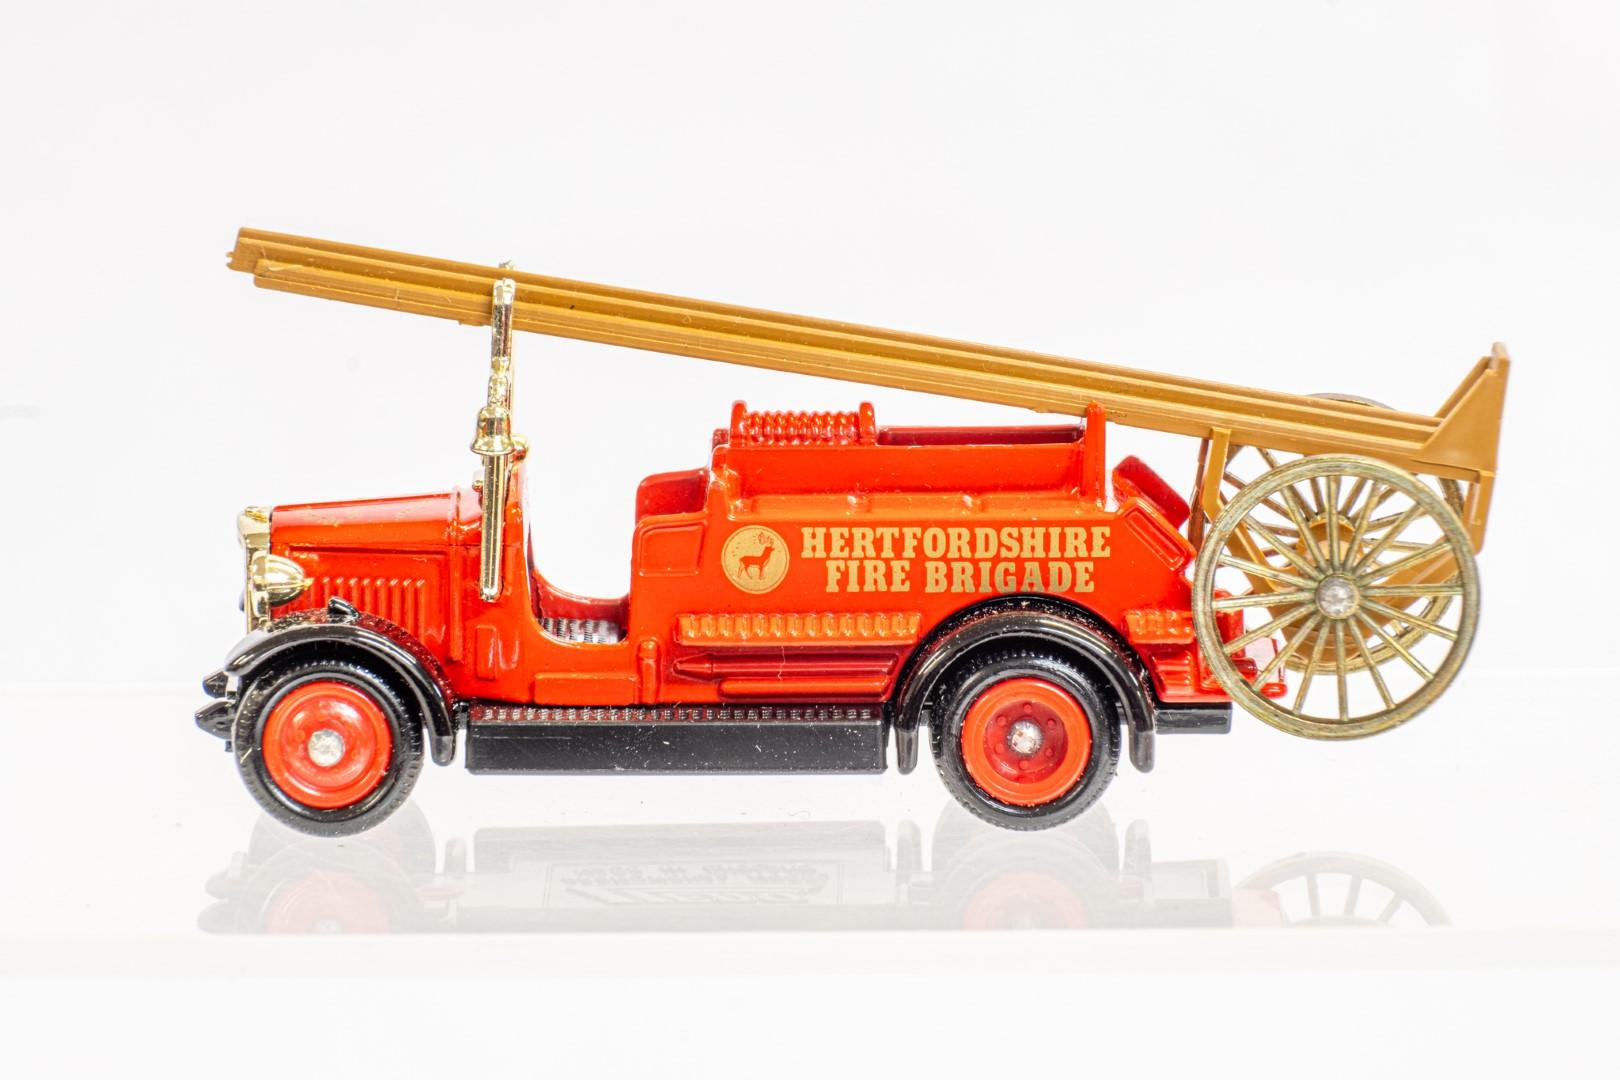 Lledo & Atlas AEC Regent III Fire Engine & Herts Fire Brigade - Image 9 of 11